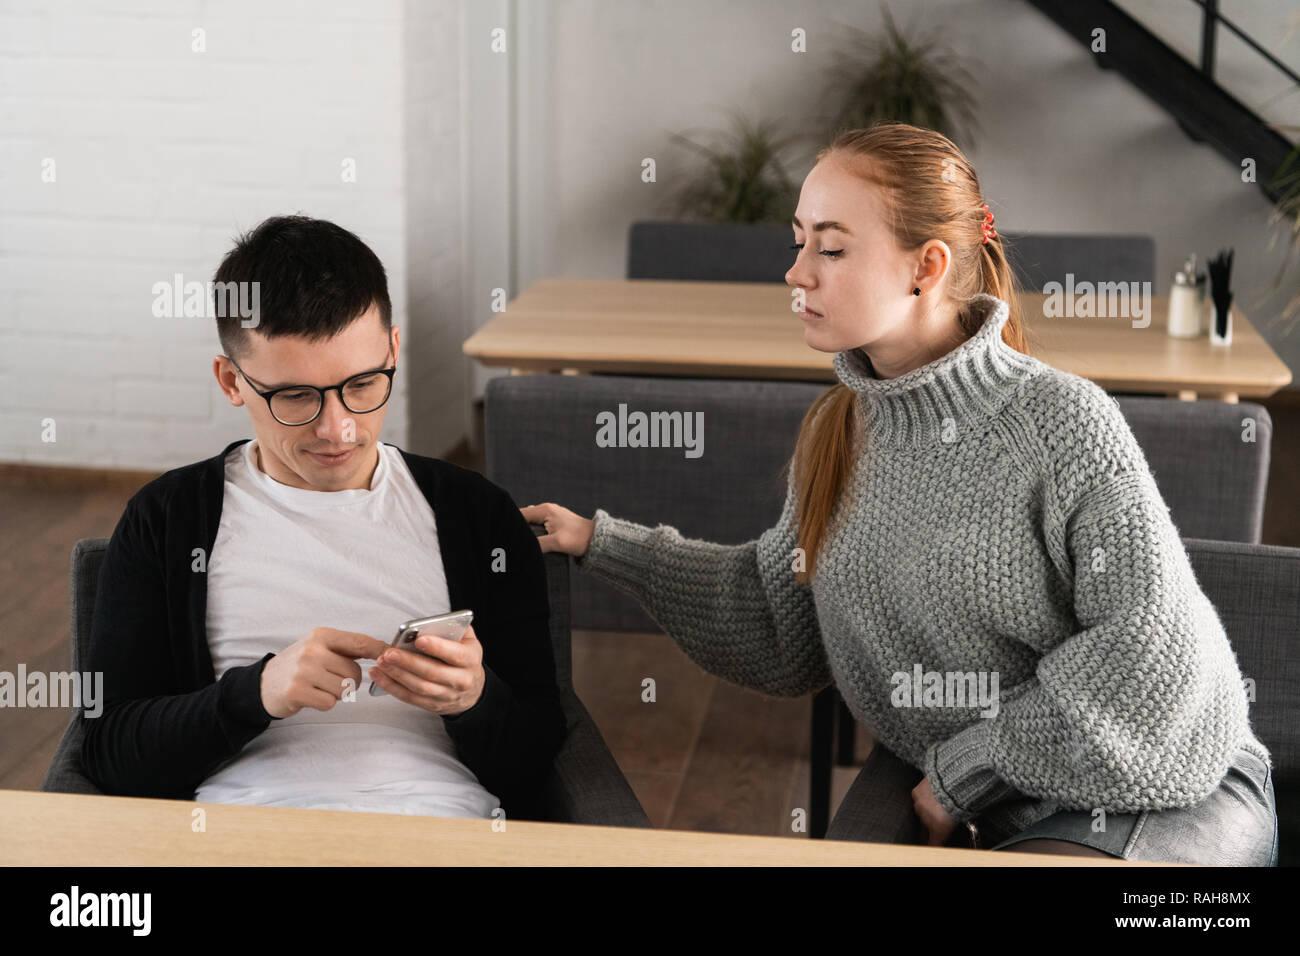 Wann vom Dating zur Freundin